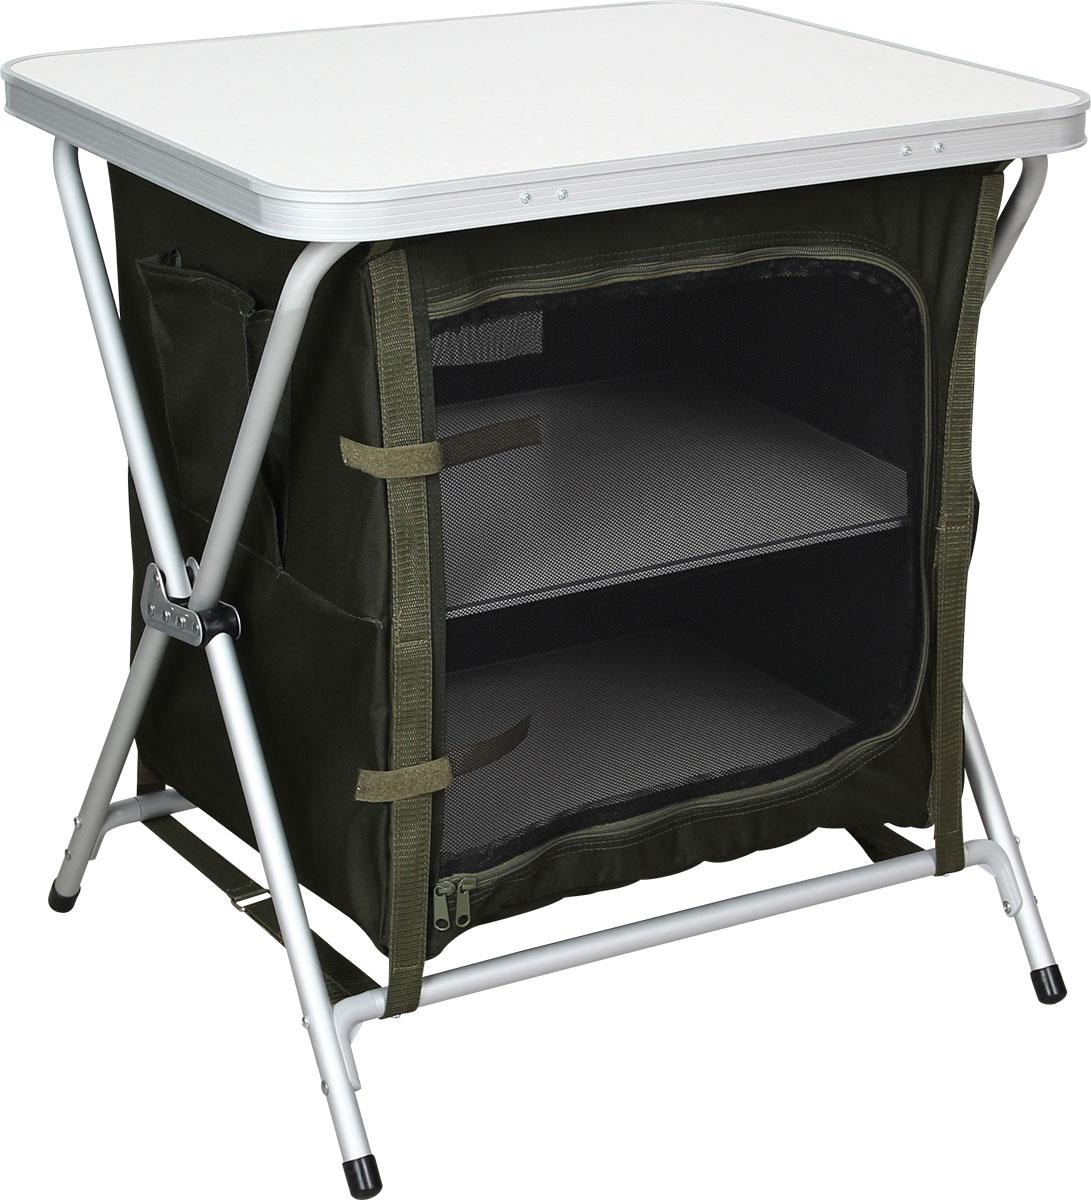 Стол кухонный складной Сплав. TR - 645060933Компактный быстро разборный кухонный стол Внутренний отсек для хранения посуды и еды закрывается на молнию Промежуточные полки из МДФ панелей в комплекте На задней стенке окно из сетки для вентиляции Минимальный объем в сложенном виде Удобная сумка для переноски Легкий складной столик и кухонная тумбочка в одном лице. Кемпинговая мебель упорядочивает быт и создает уют за считанные секунды. Максимальная нагрузка на этот стол: 30 кг, так что ешьте на здоровье и готовьте спокойно. Под столешницей располагаются удобные полки, а стенки из прочной легкой ткани надежно закрывают еду и посуду от пыли и посягательств лесных зверюшек. На задней стенке «тумбы» - вентиляционное окно затянутое сеткой от насекомых. Оно позволяет продуктам дольше оставаться свежими. Столешница и полки изготовлены из легких МДФ панелей, каркас – из алюминиевого сплава. Благодаря этому вся конструкция весит всего 5.1 кг. Упаковка тоже достаточно компактна - 62?50?8 см. ...